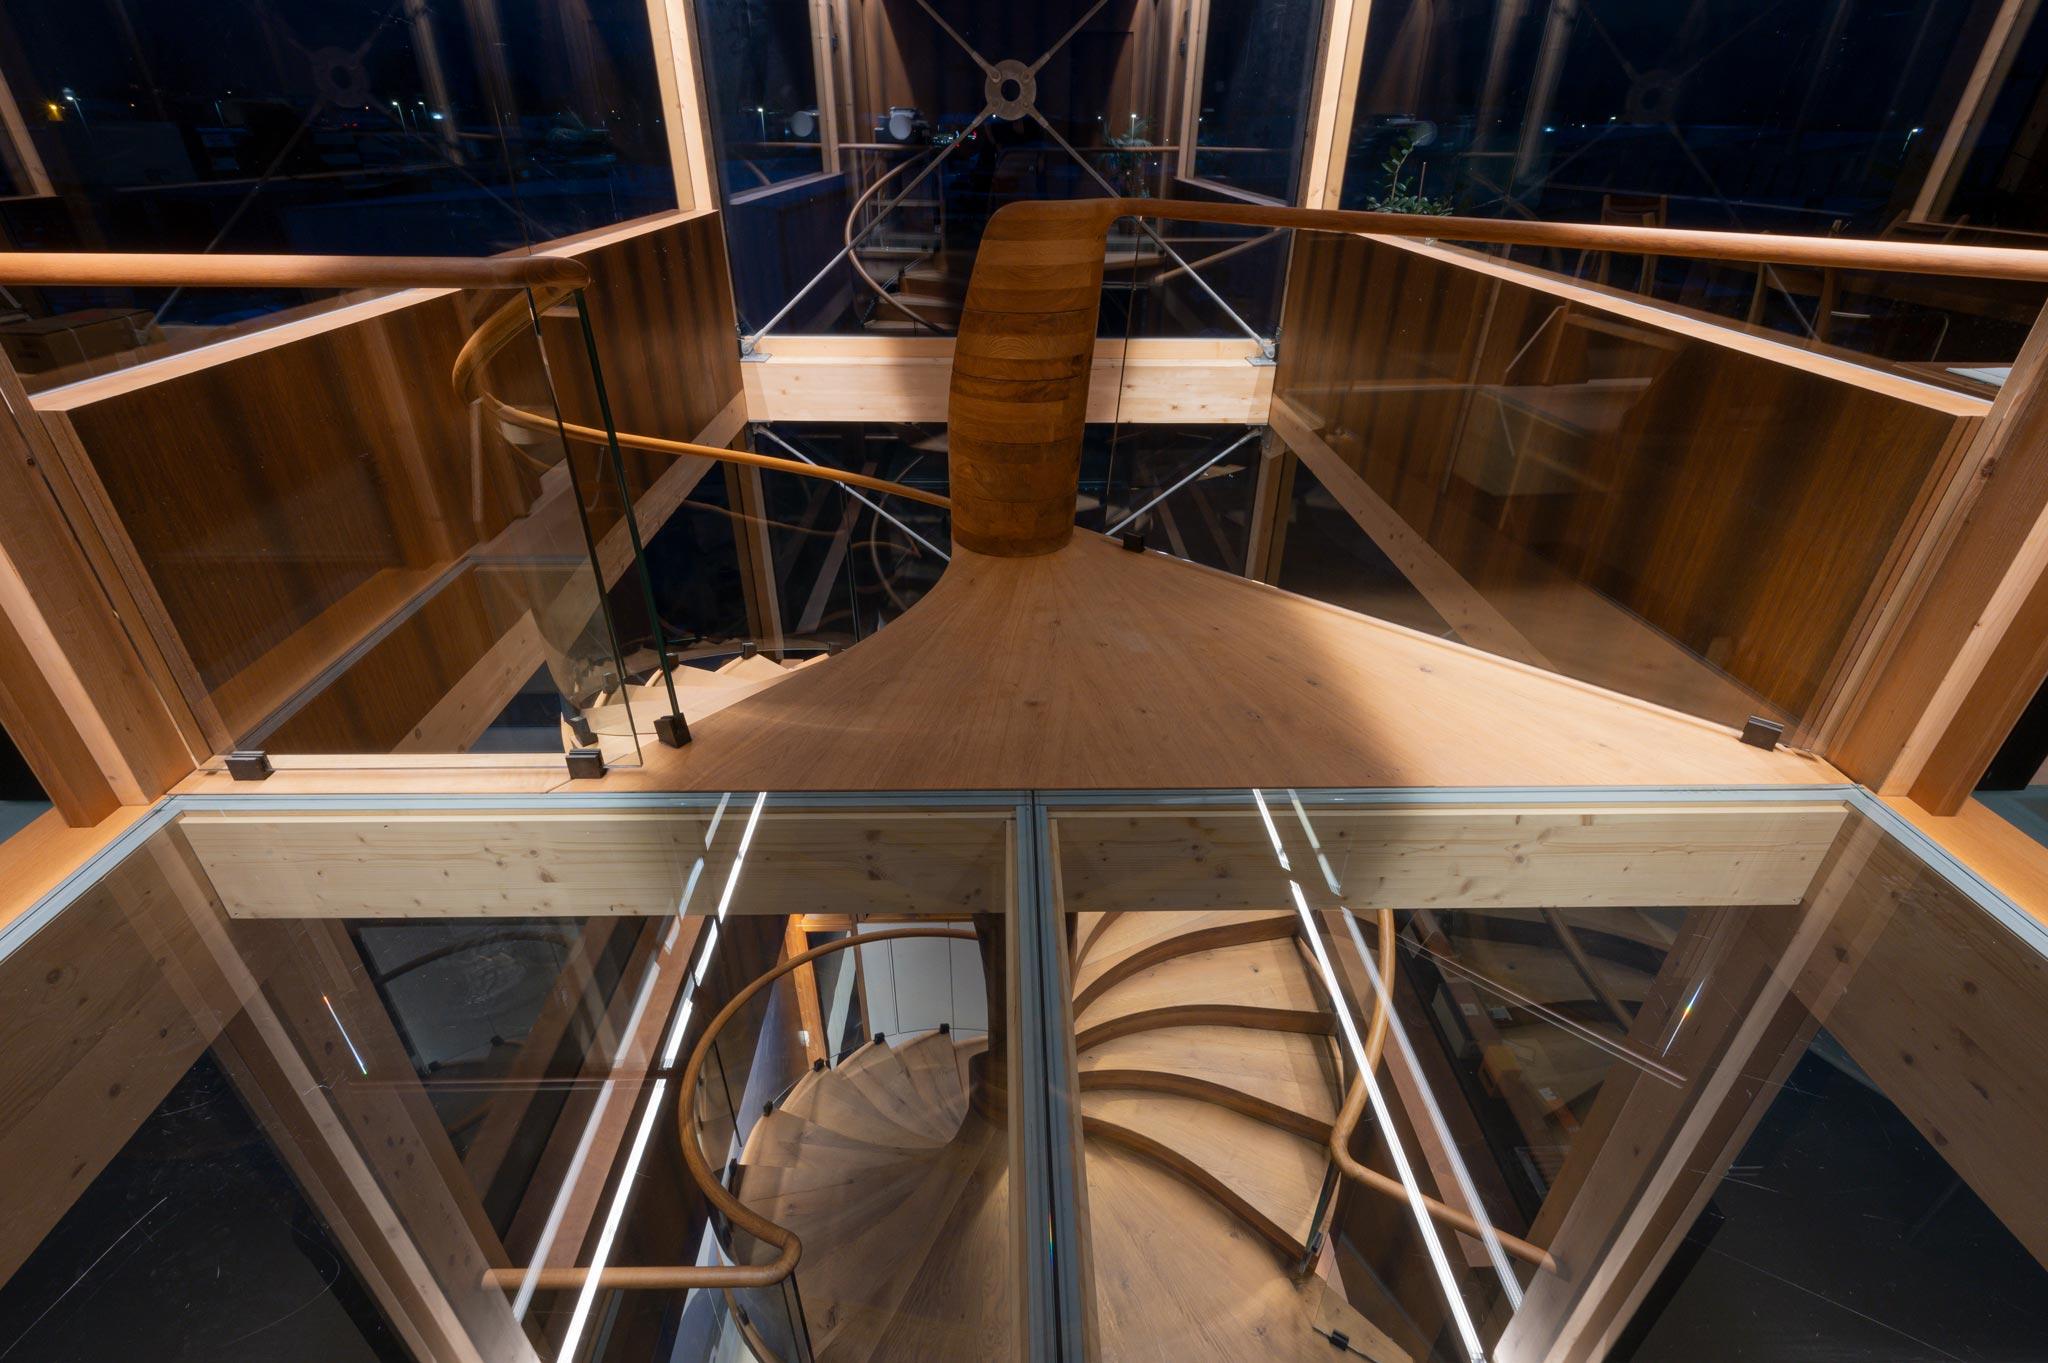 ES ShowR escalier hor 21 02 1027 - Escalier Showroom ESKISS